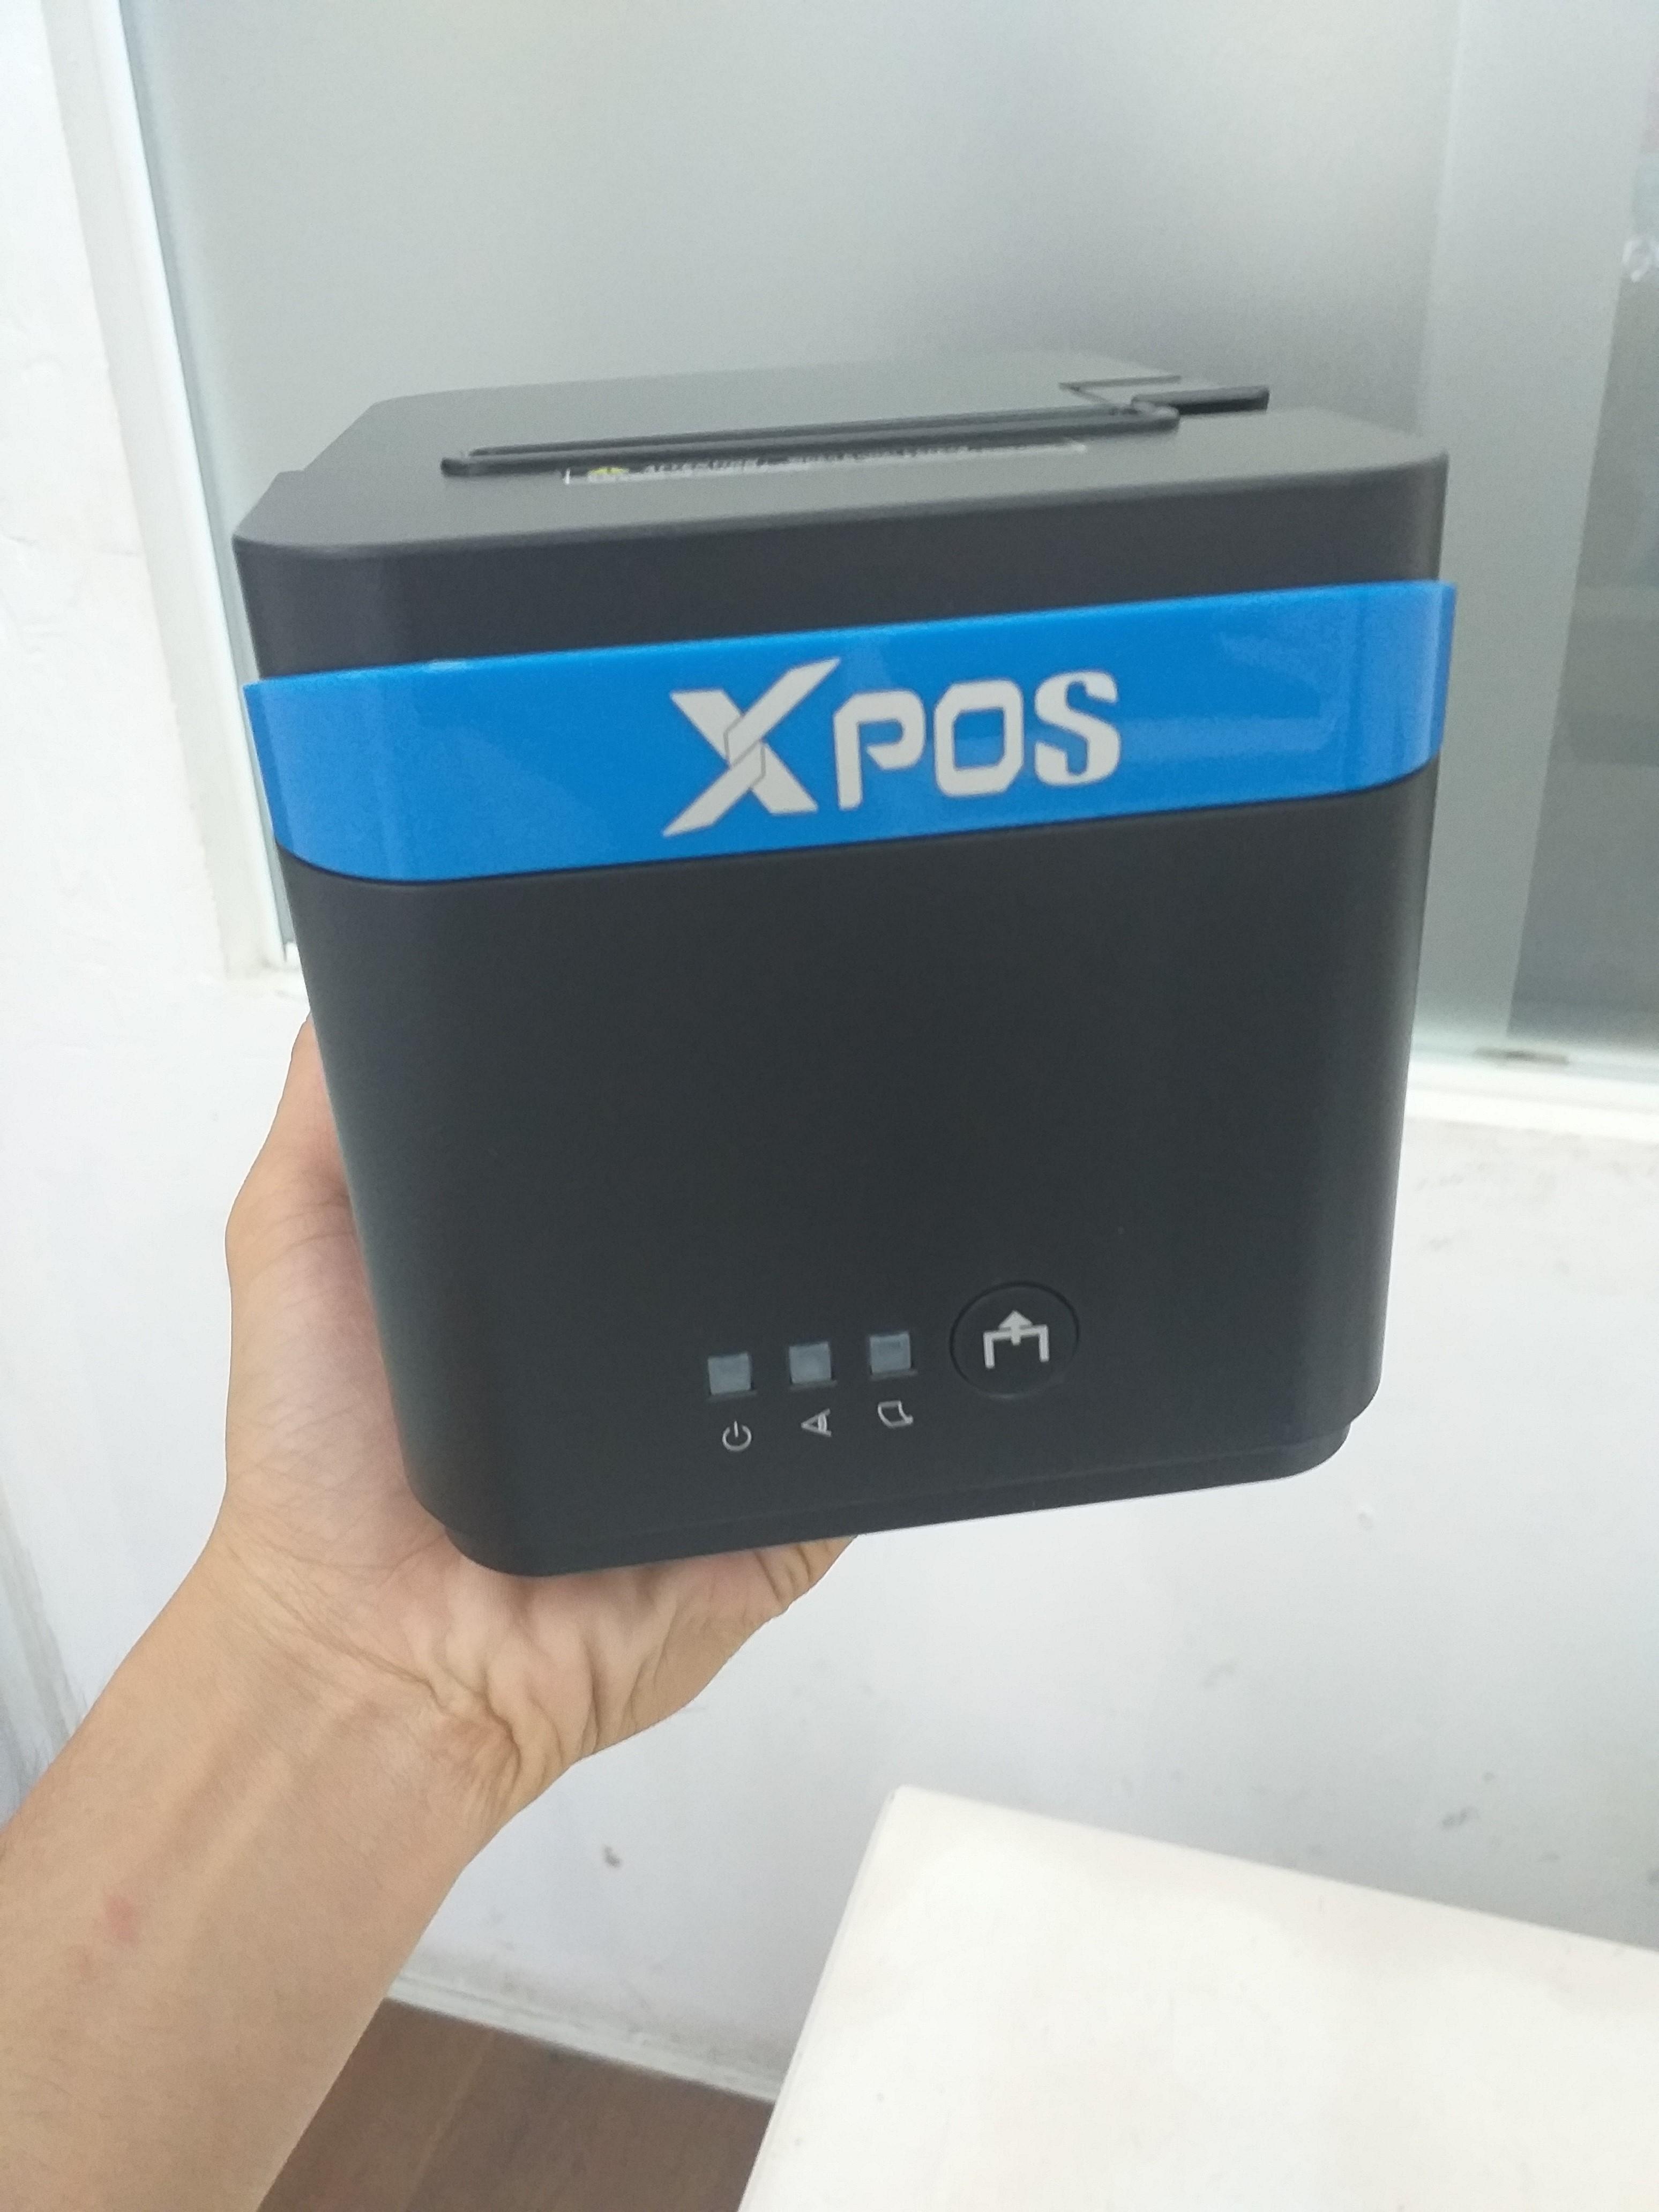 MÁY IN NHIỆT - IN HÓA ĐƠN XPOS-Q80II